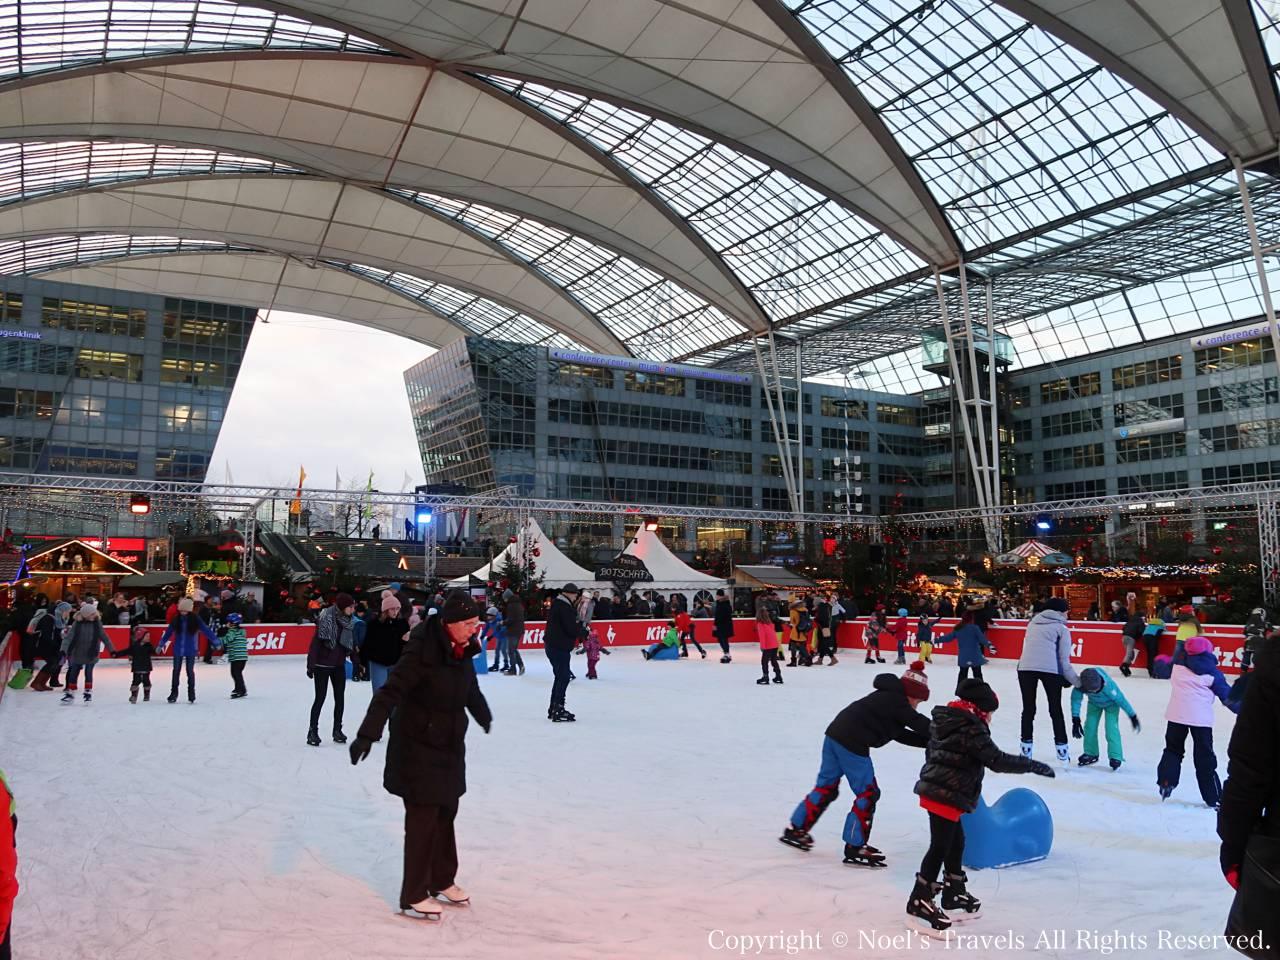 ミュンヘン空港のスケートリンク